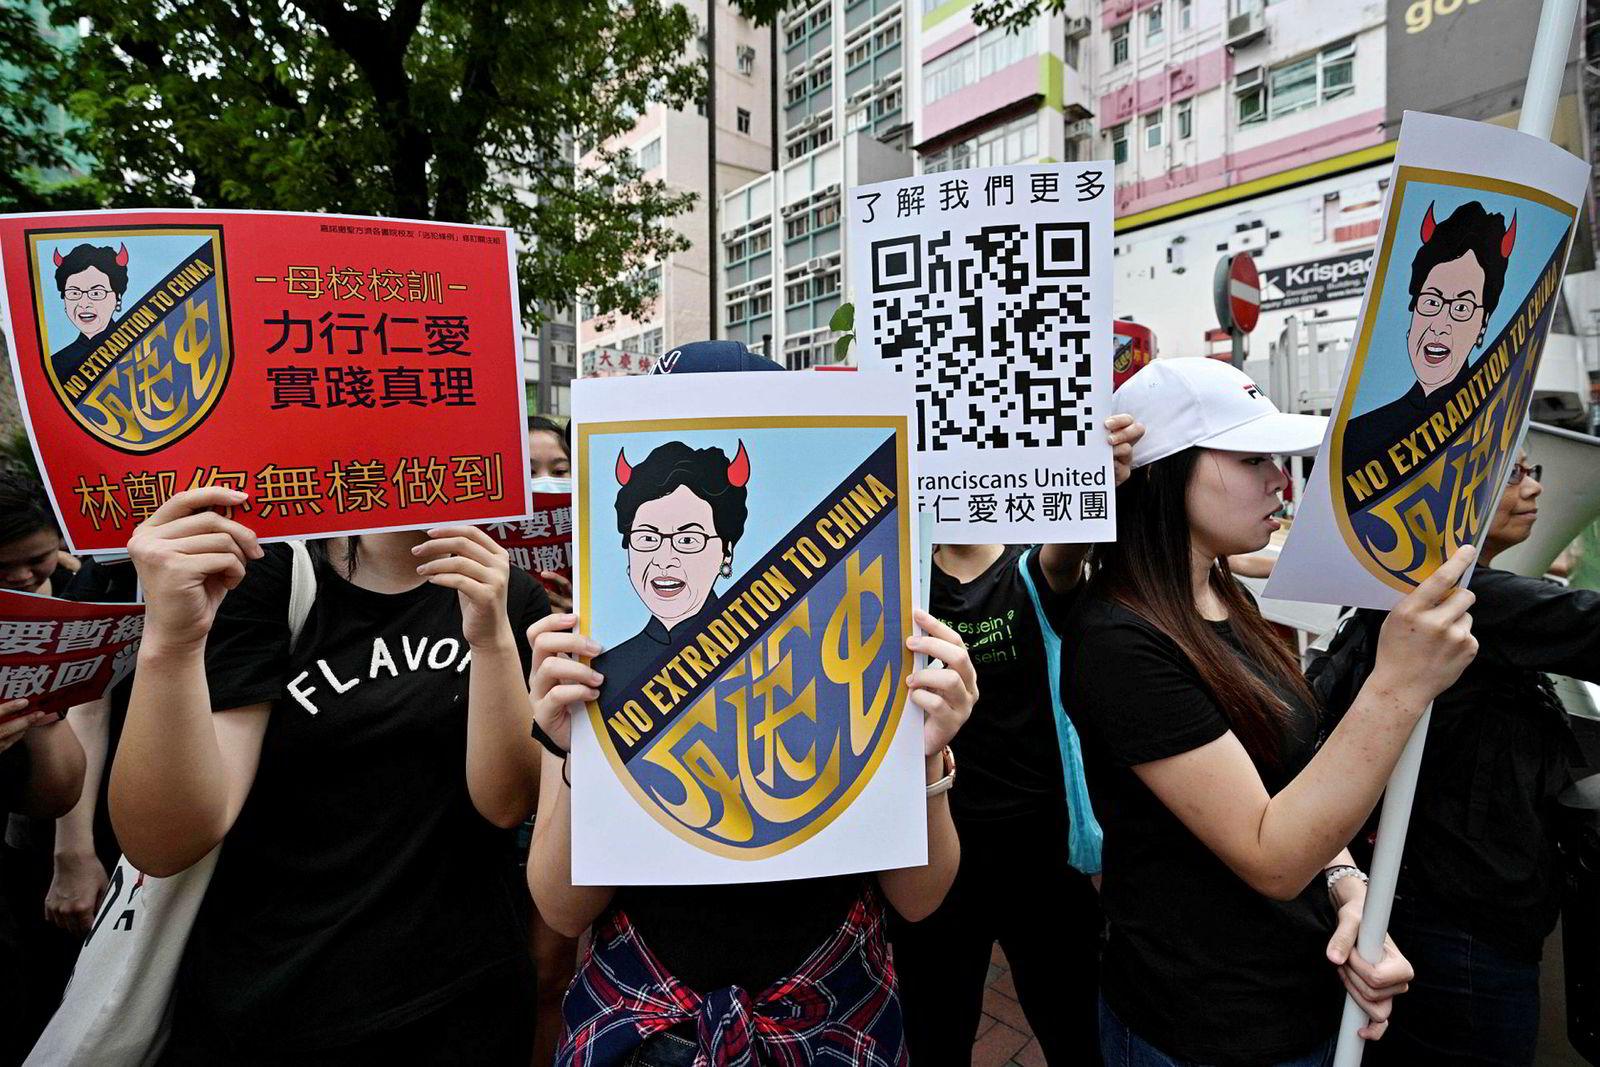 Mange av parolene søndag krevde at byens øverste politiske leder, Carrie Lam, måtte gå av. Hun har støttet det upopulære lovforslaget og har tette bånd til regjeringen i Beijing. Studenter fra et universitet i Hongkong hadde paroler som karikerte Lam med horn.